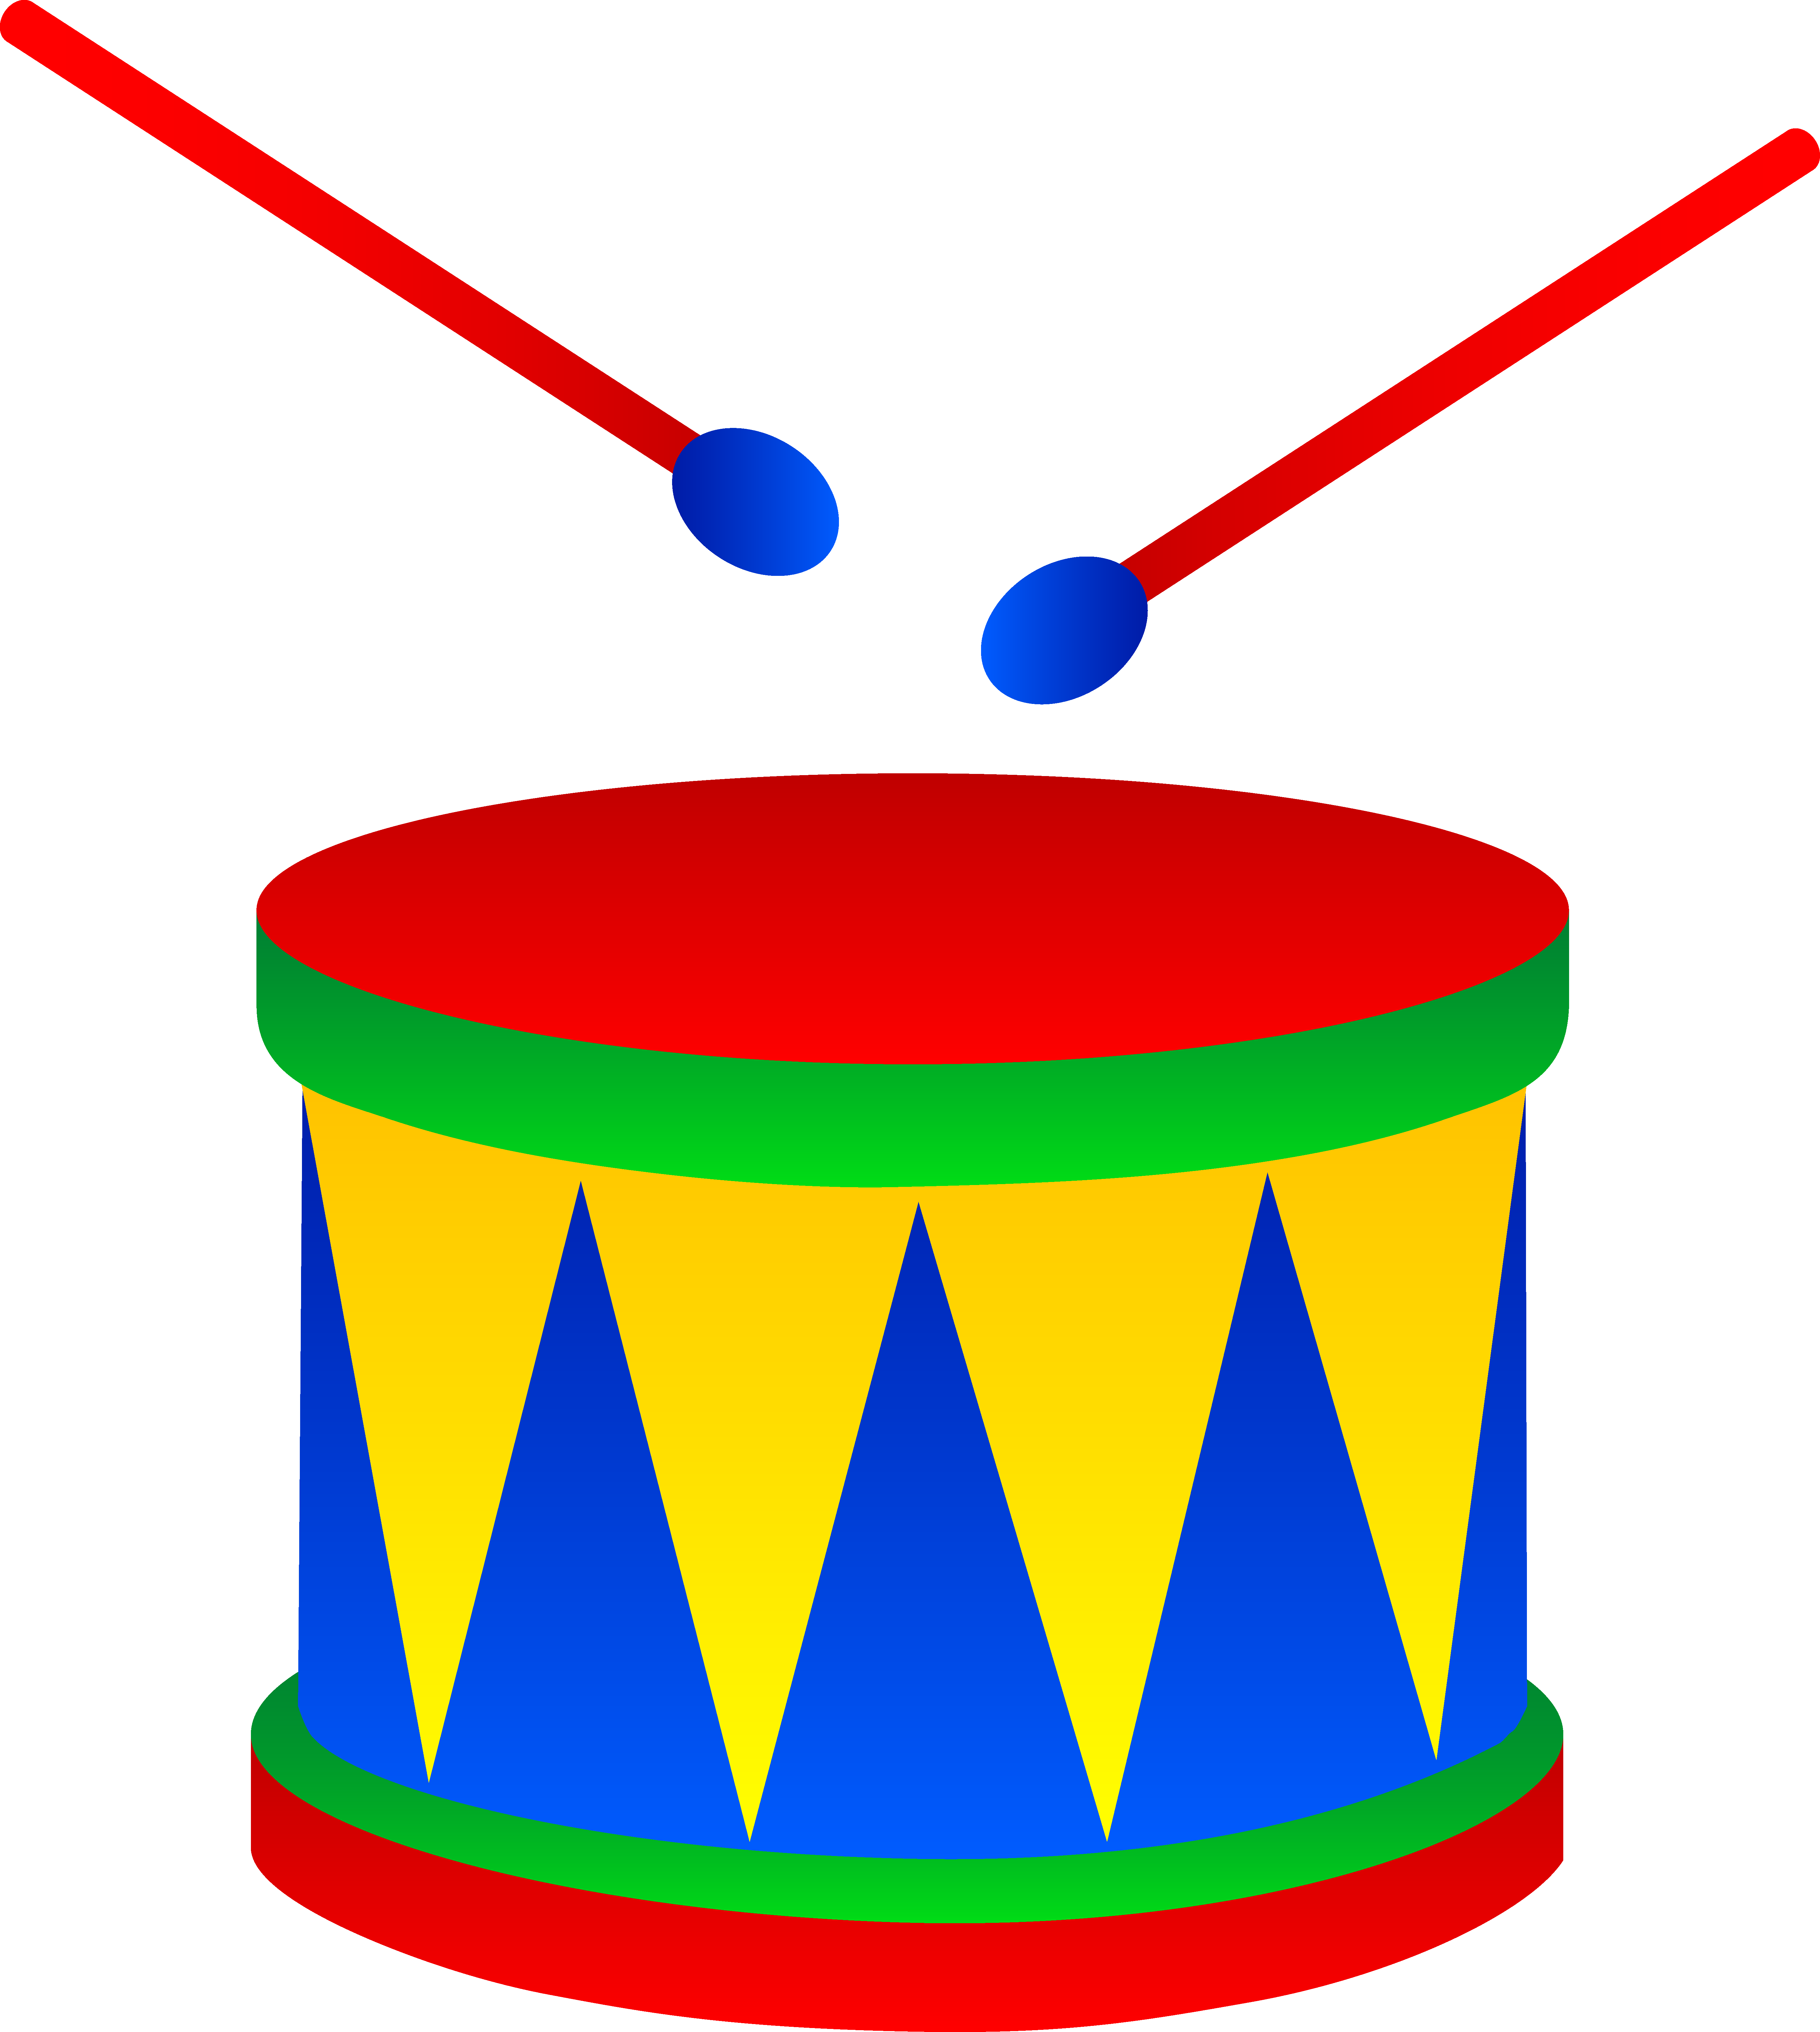 Drums clipart. Drum clip art free